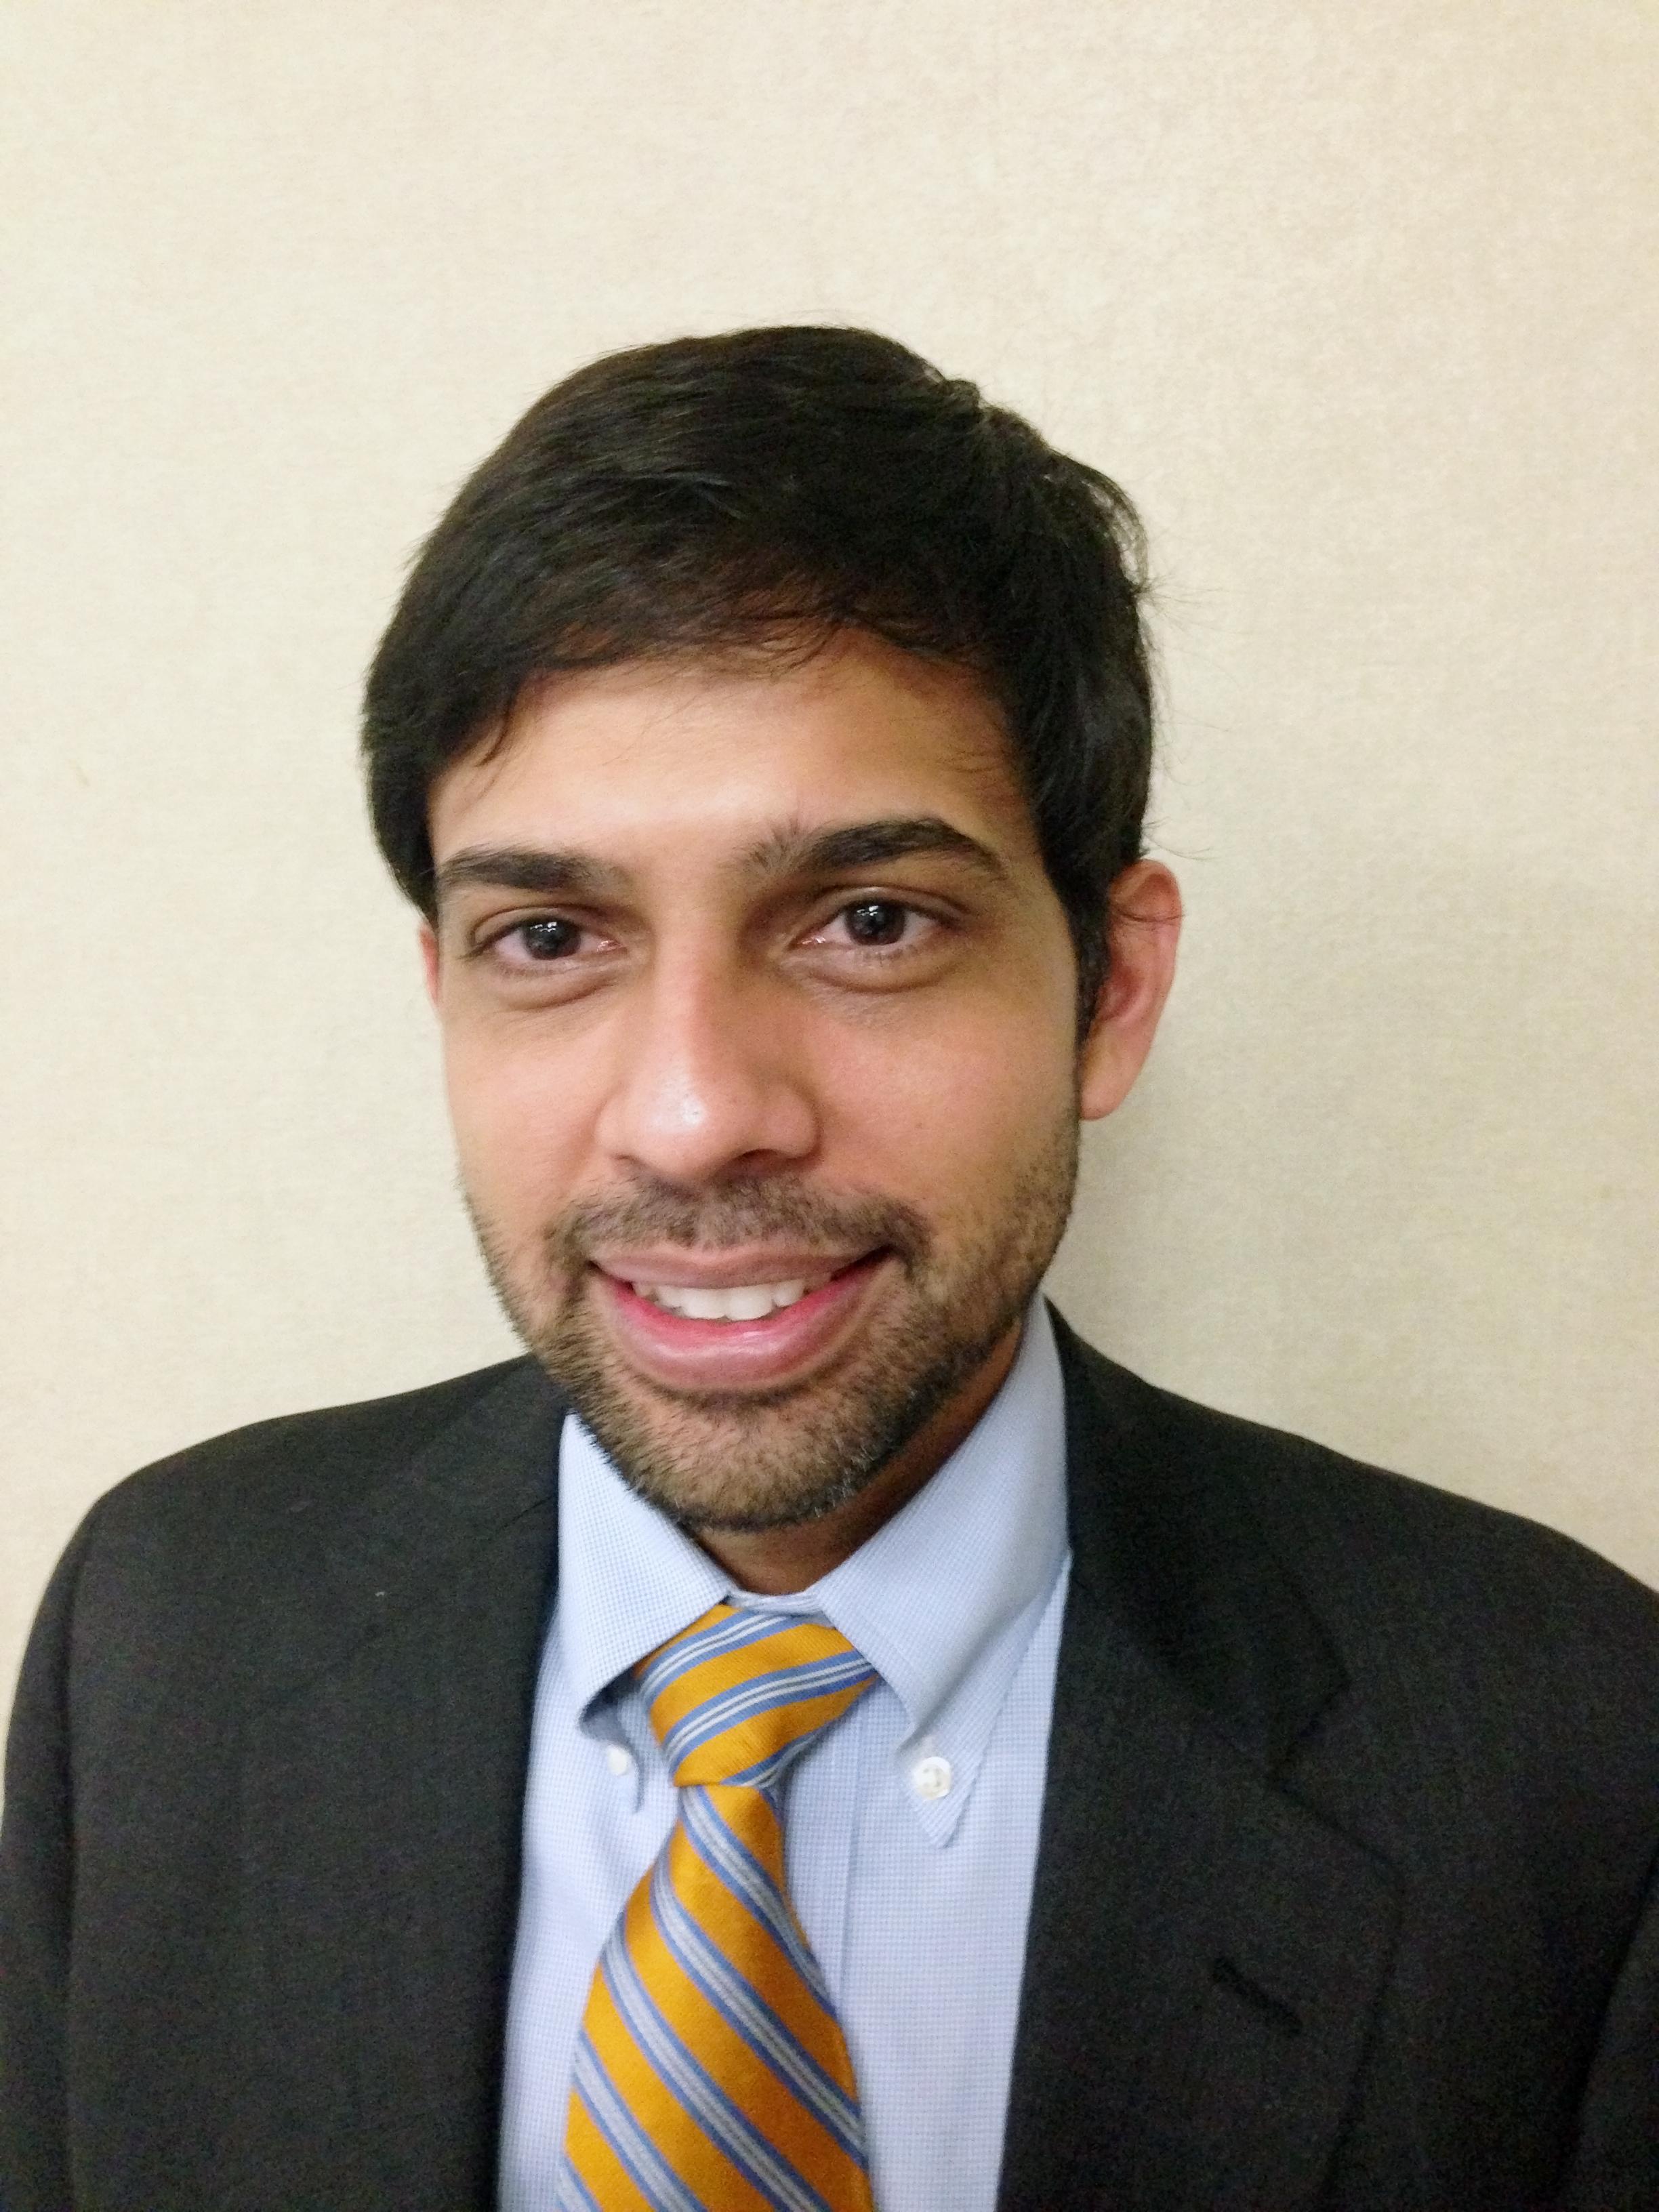 Dr. Digumarthi